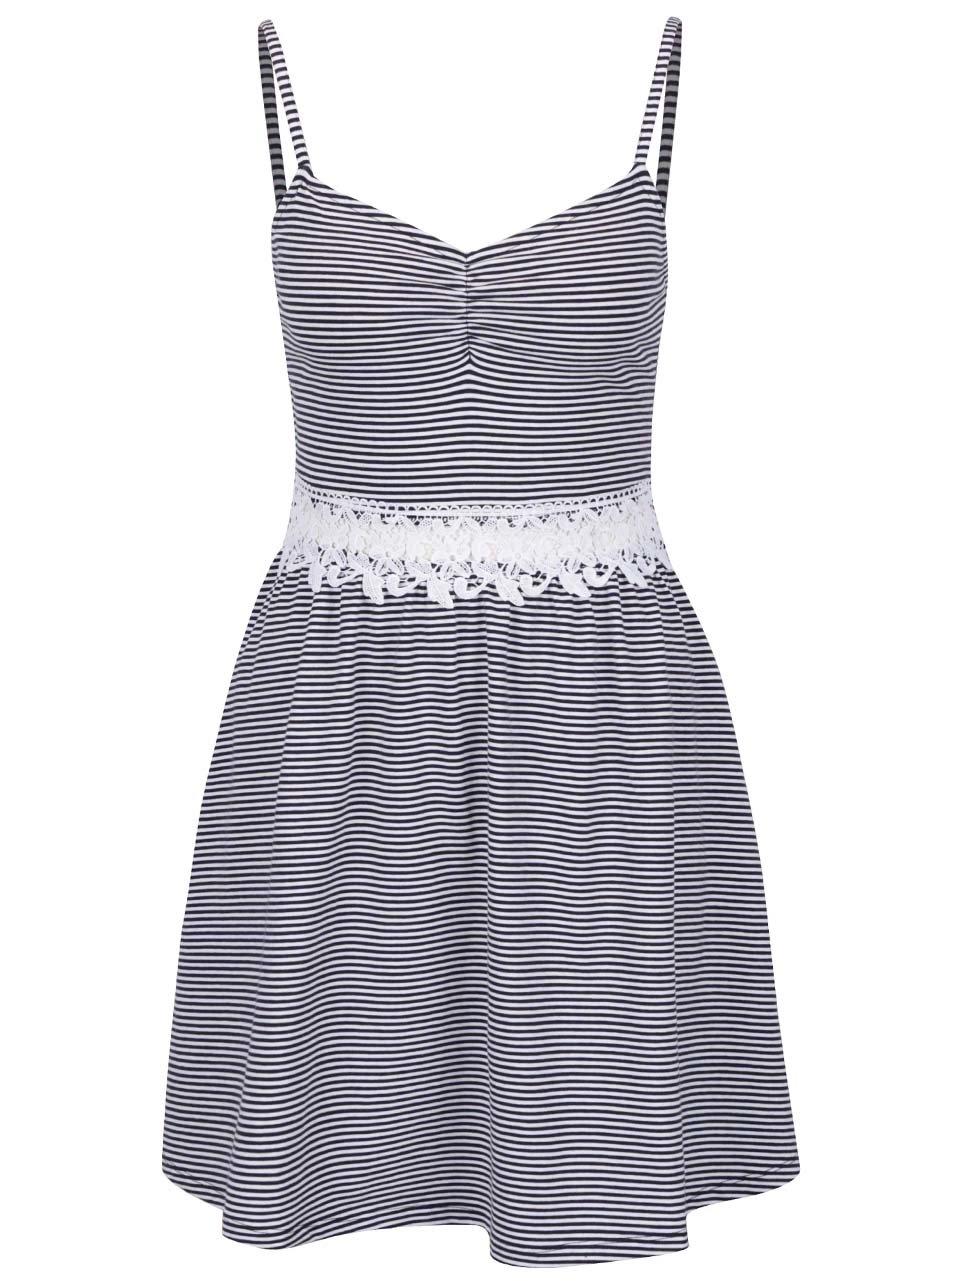 a7f31f404673 Modro-biele pruhované šaty s čipkou v páse TALLY WEiJL ...